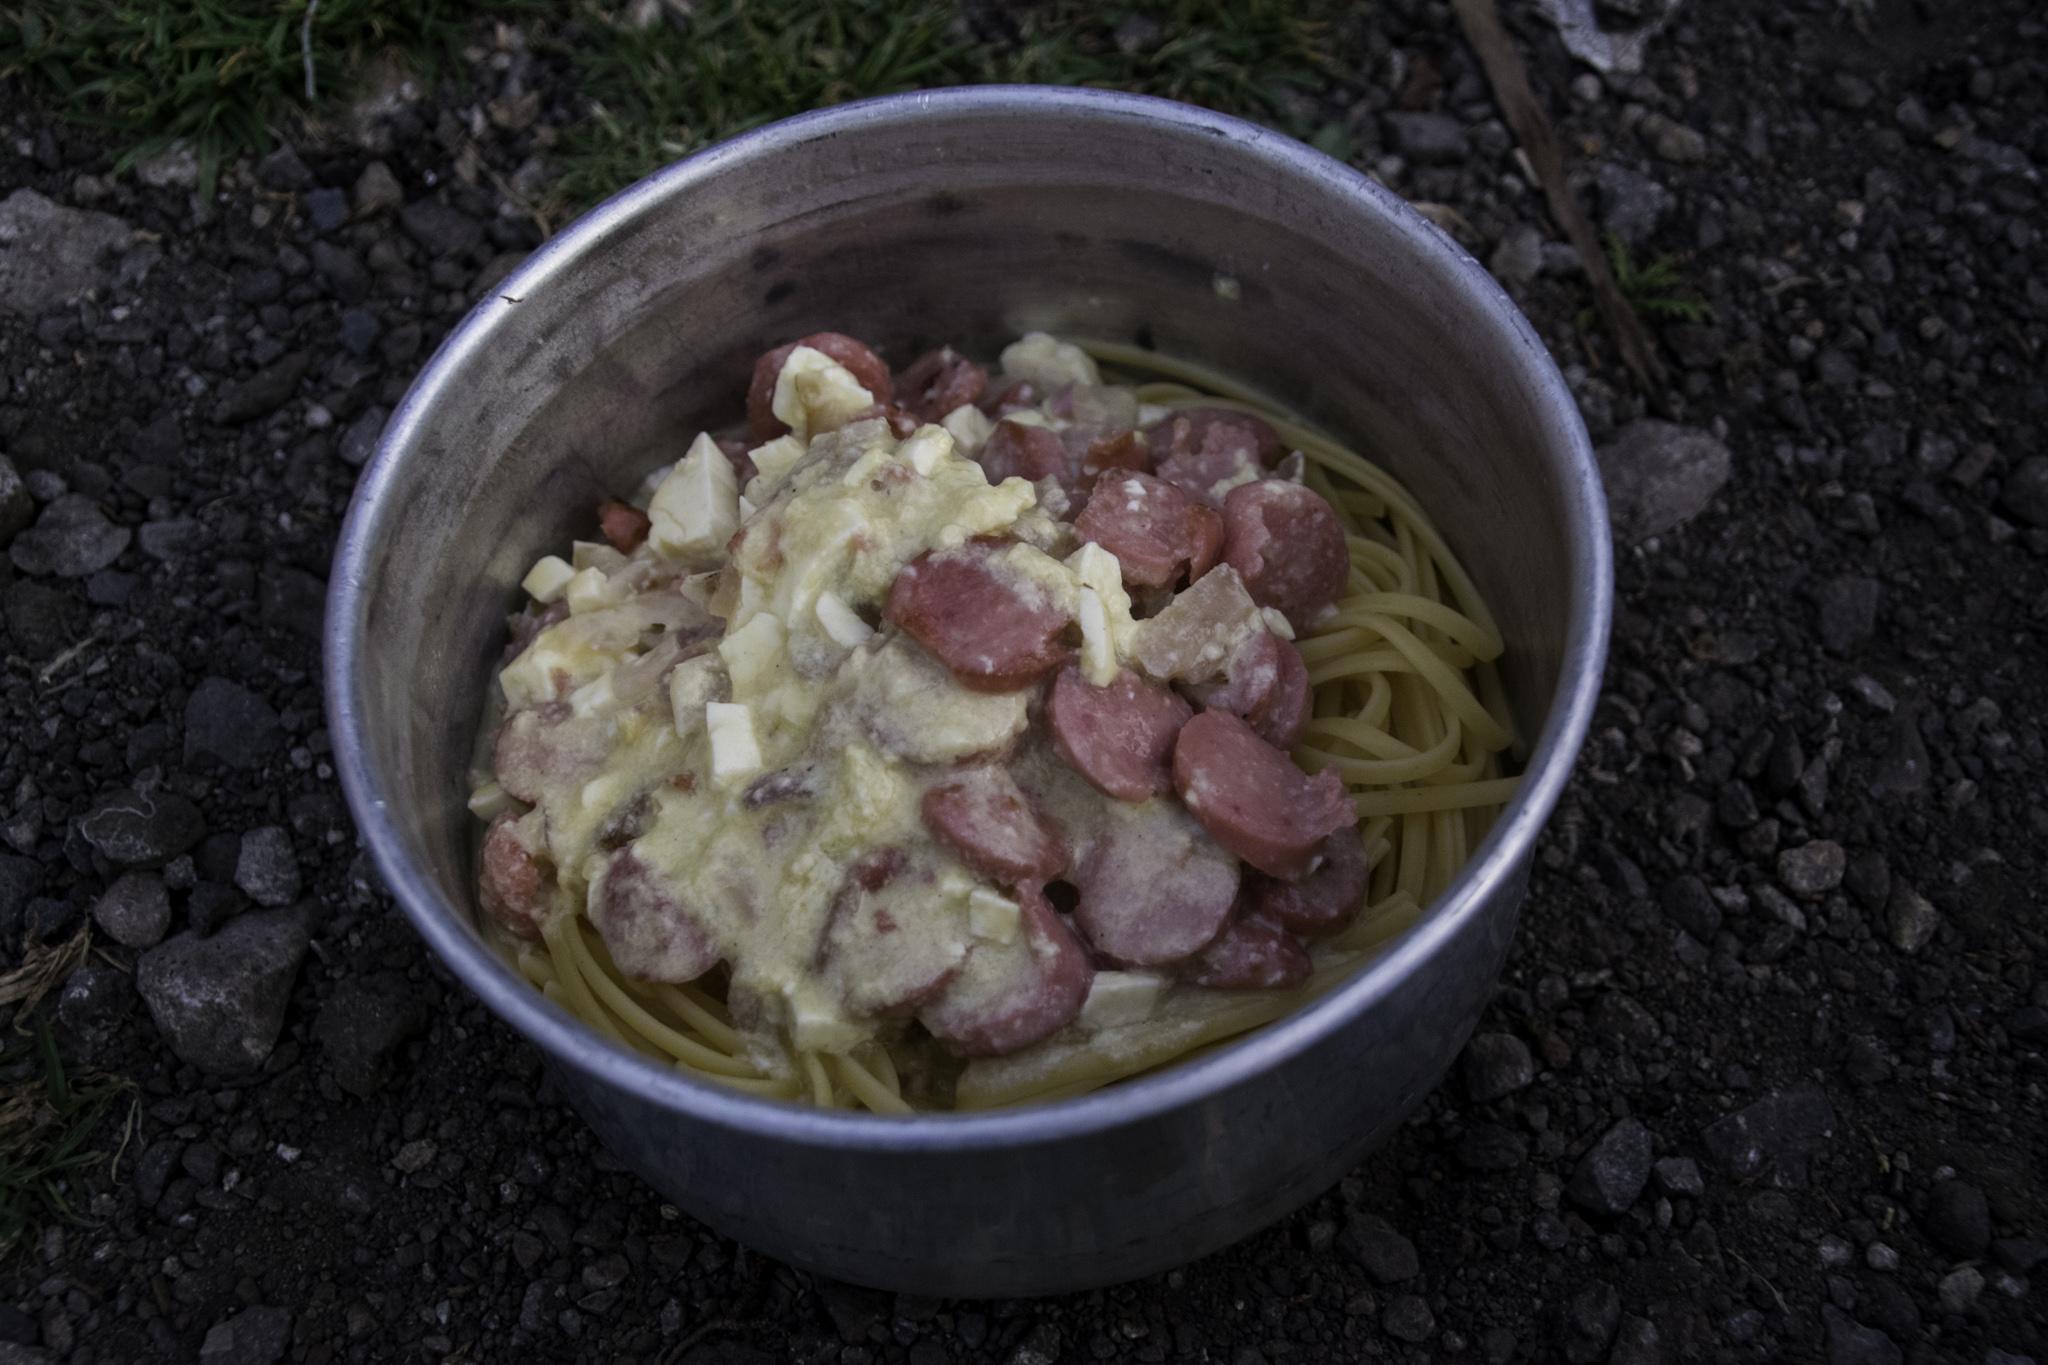 Spaghetti Carbonara mit Lyoner - Speck oder Schinken waren nicht zu finden